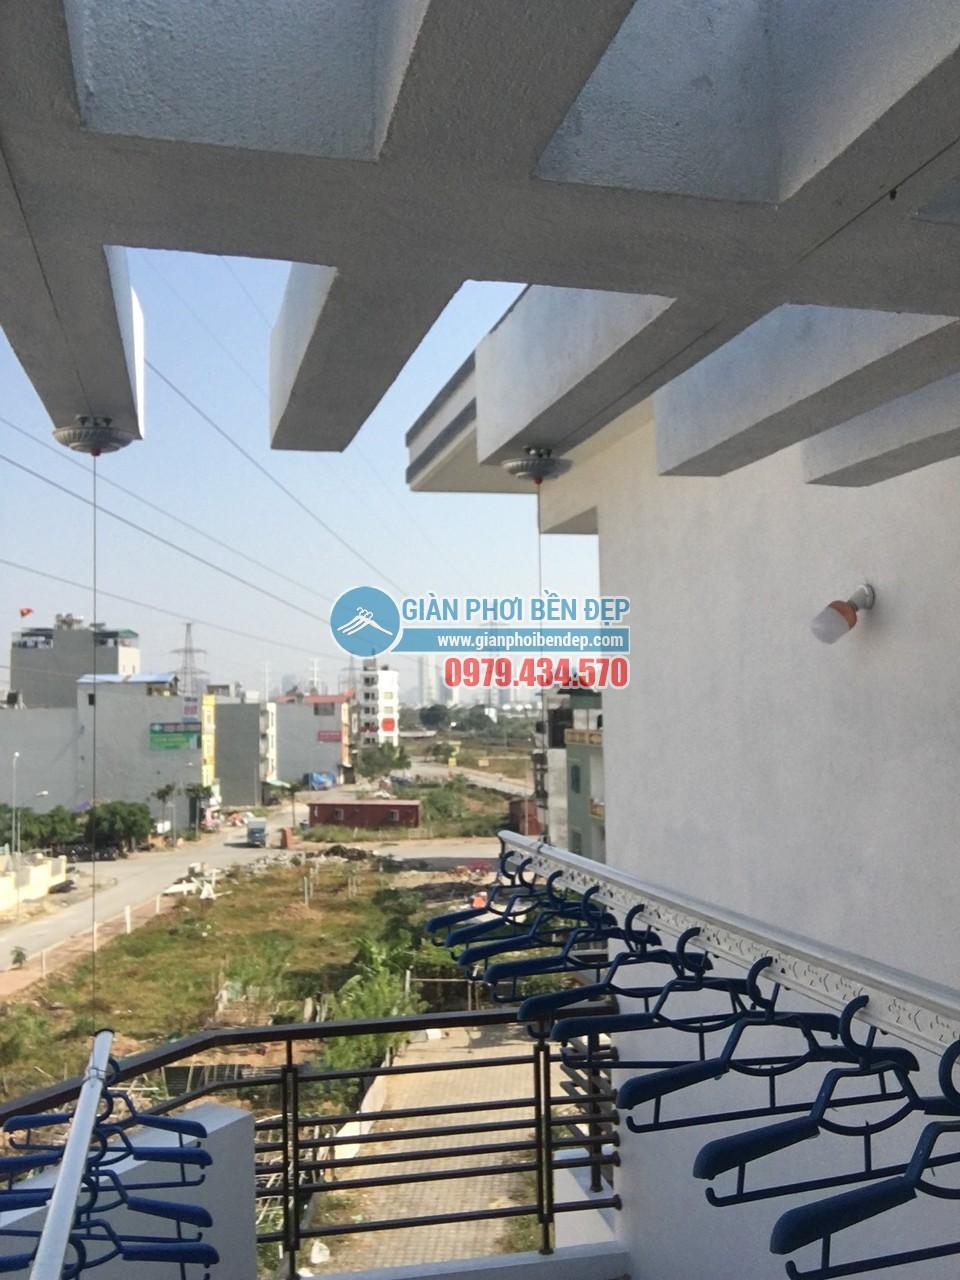 Ngó không gian phơi đẹp hiện đại với giàn phơi thông minh nhà chị Đào, Hà Đông